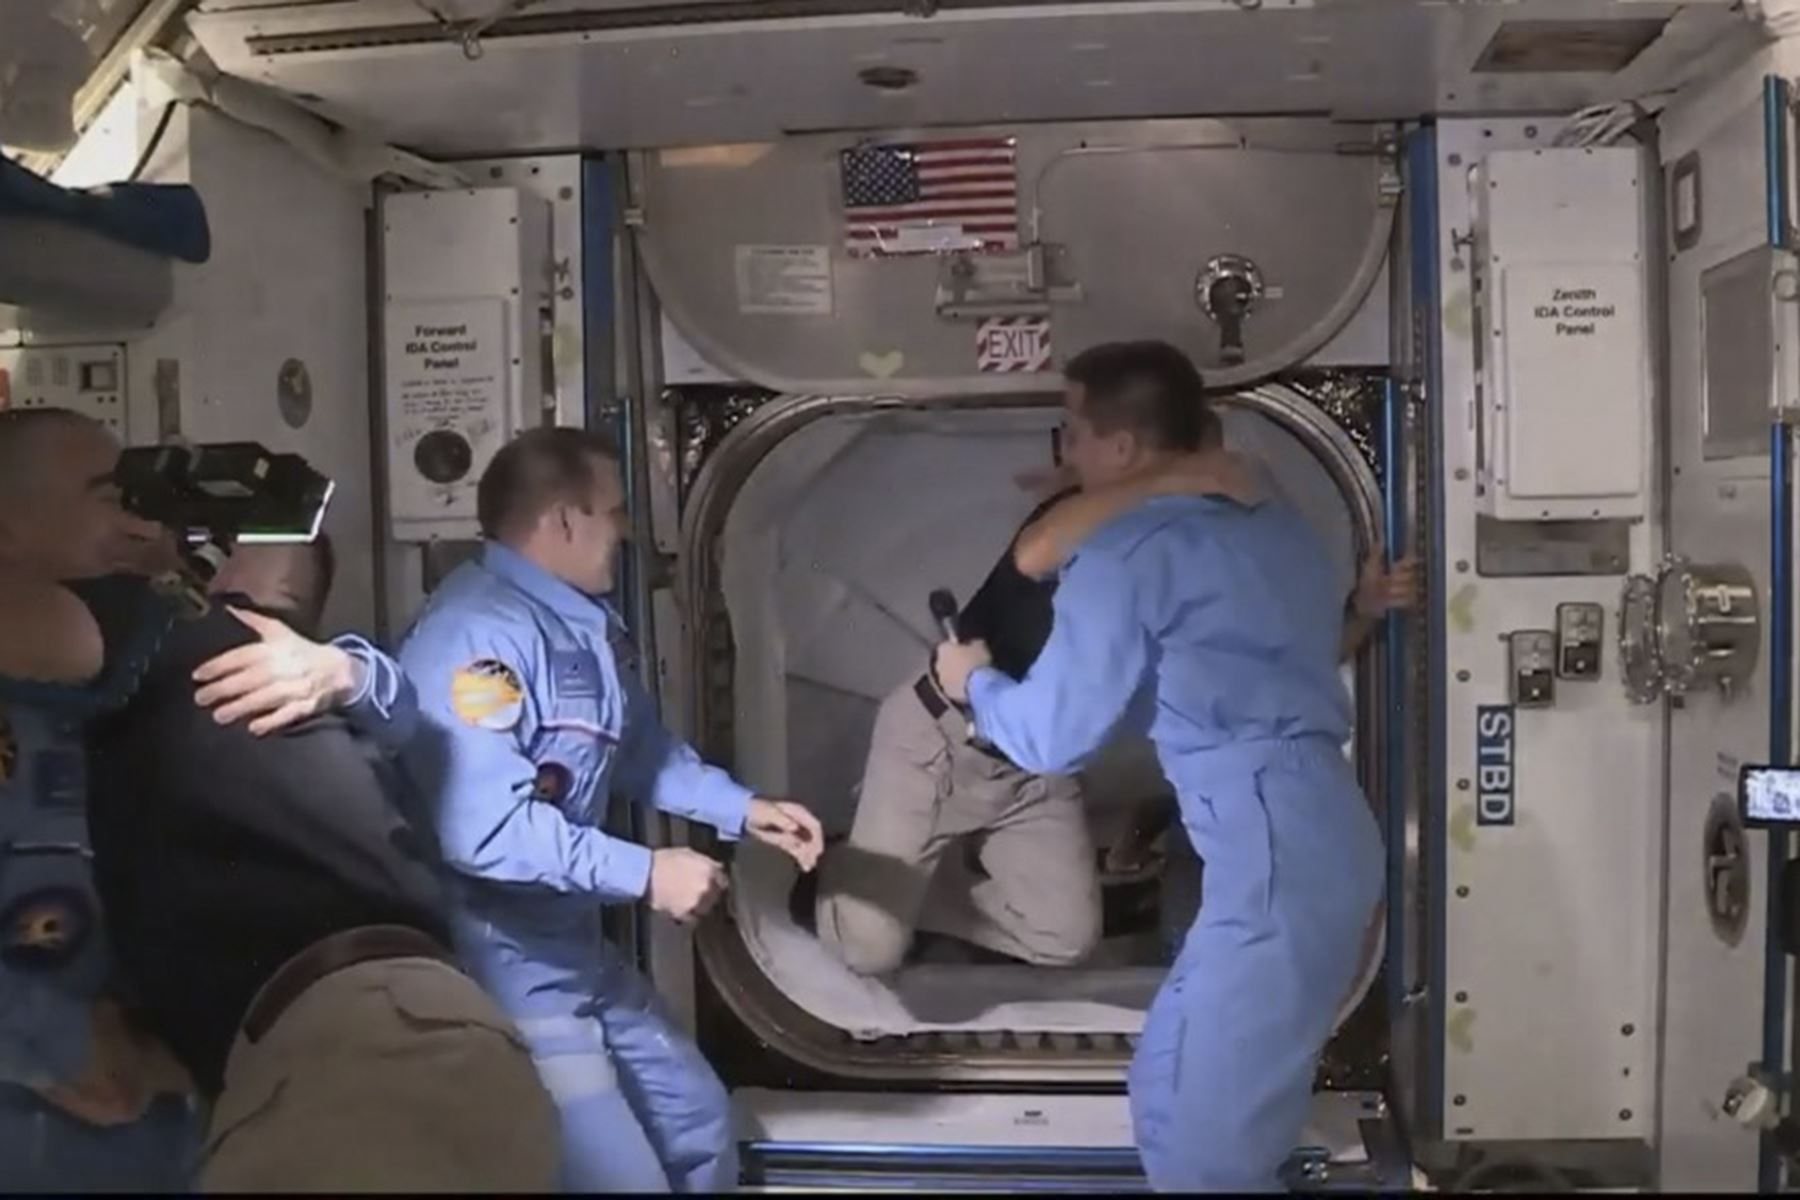 Esta imagen de captura de fotogramas de la NASA muestra a los astronautas de la NASA Crew Dragon de SpaceX Douglas Hurley (I) y Robert Behnken (D) llegando después de que la escotilla se abrió a la Estación Espacial Internacional el 31 de mayo de 2020 con otros astronautas. Foto: AFP